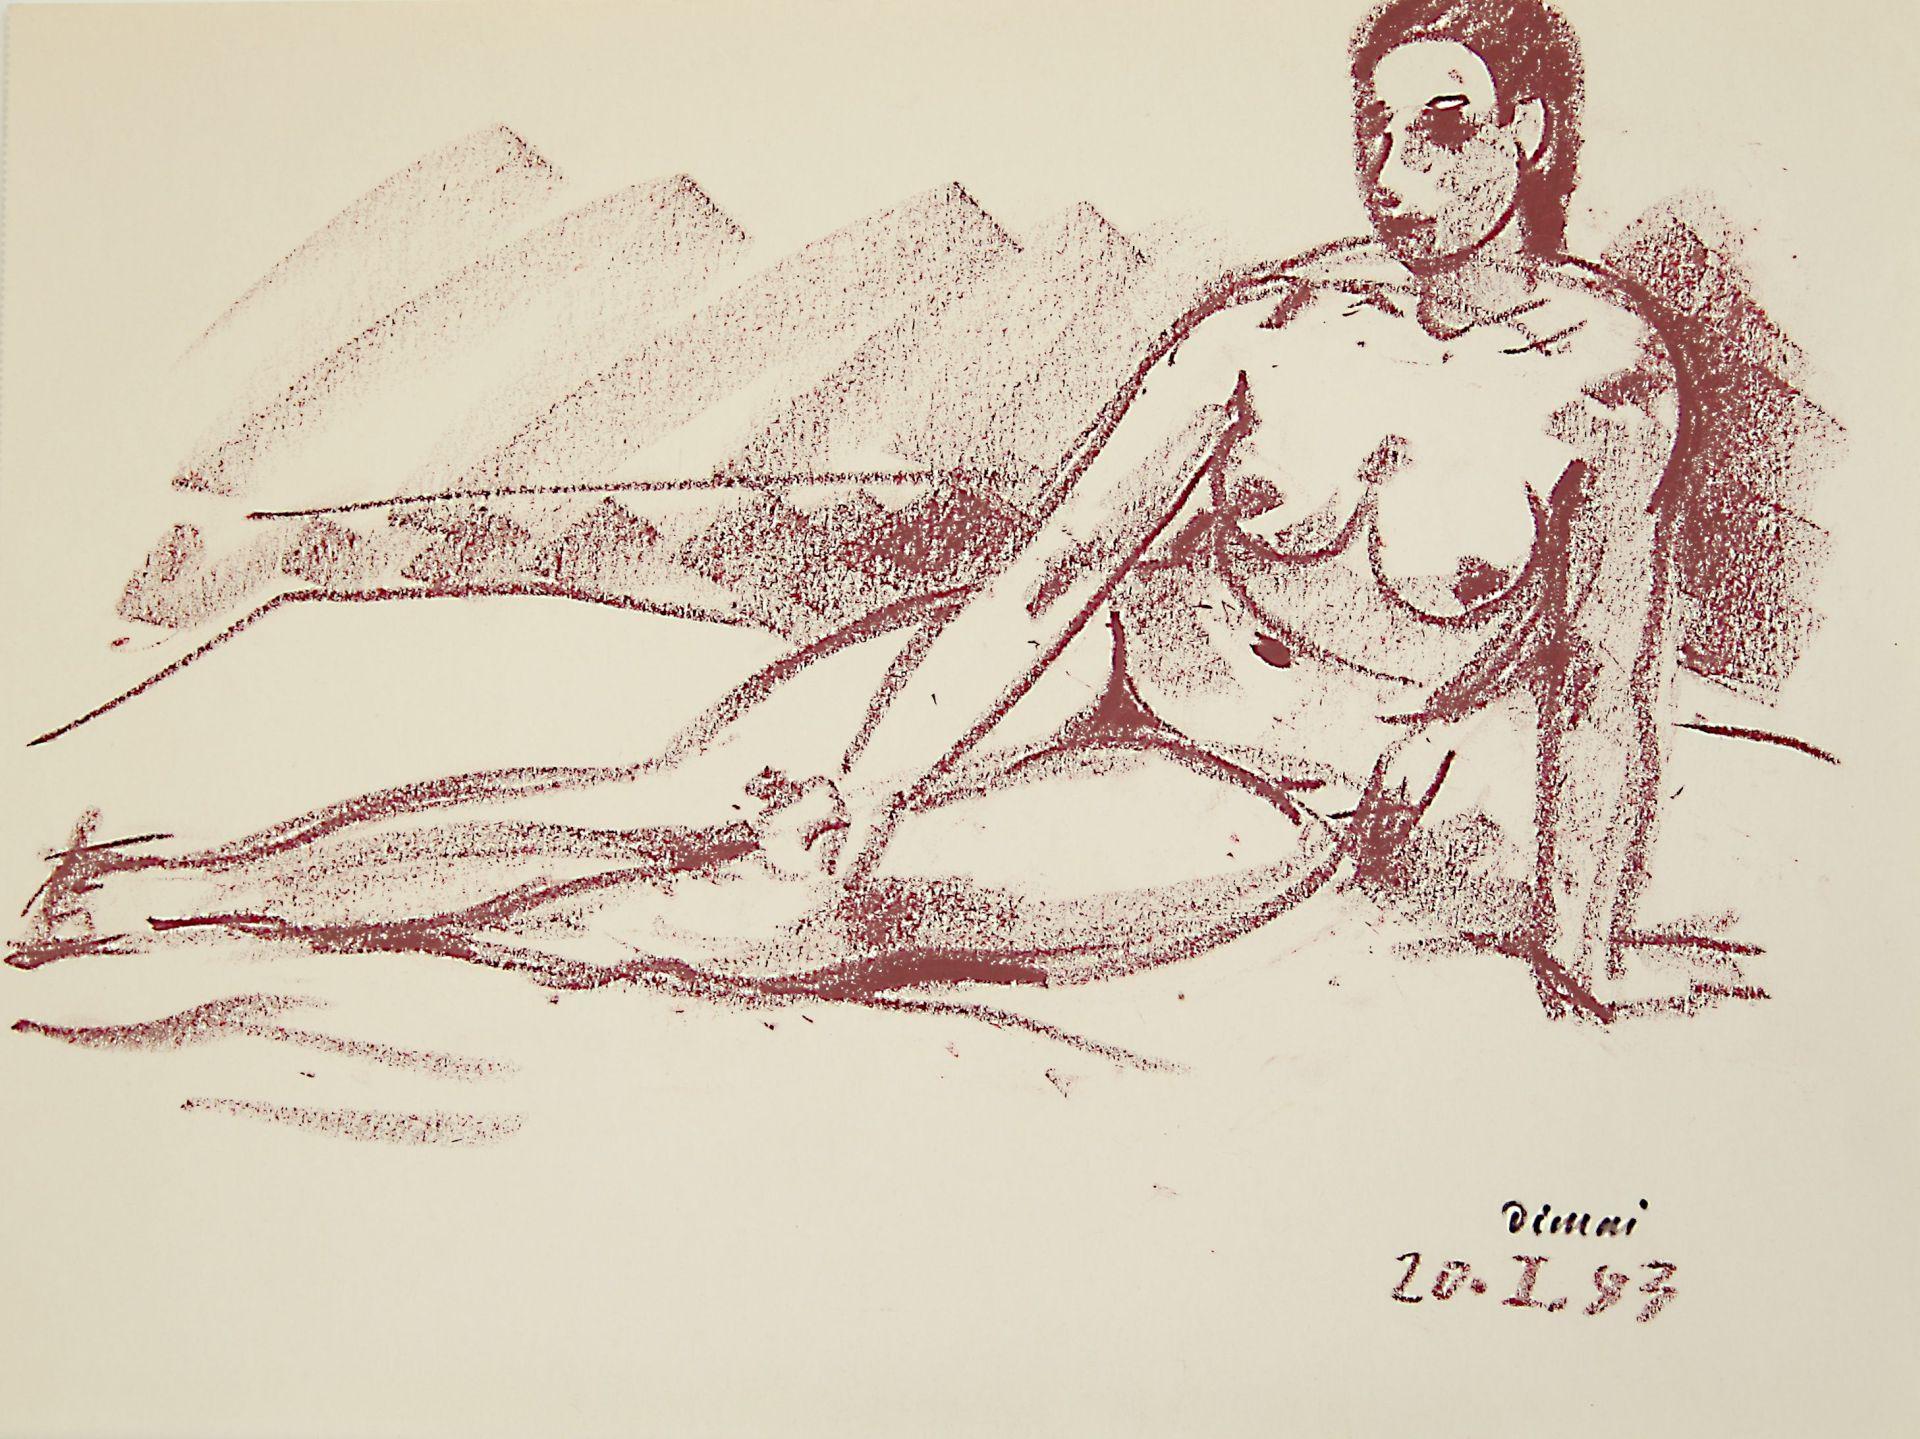 Rudolf Dimai-Female nude